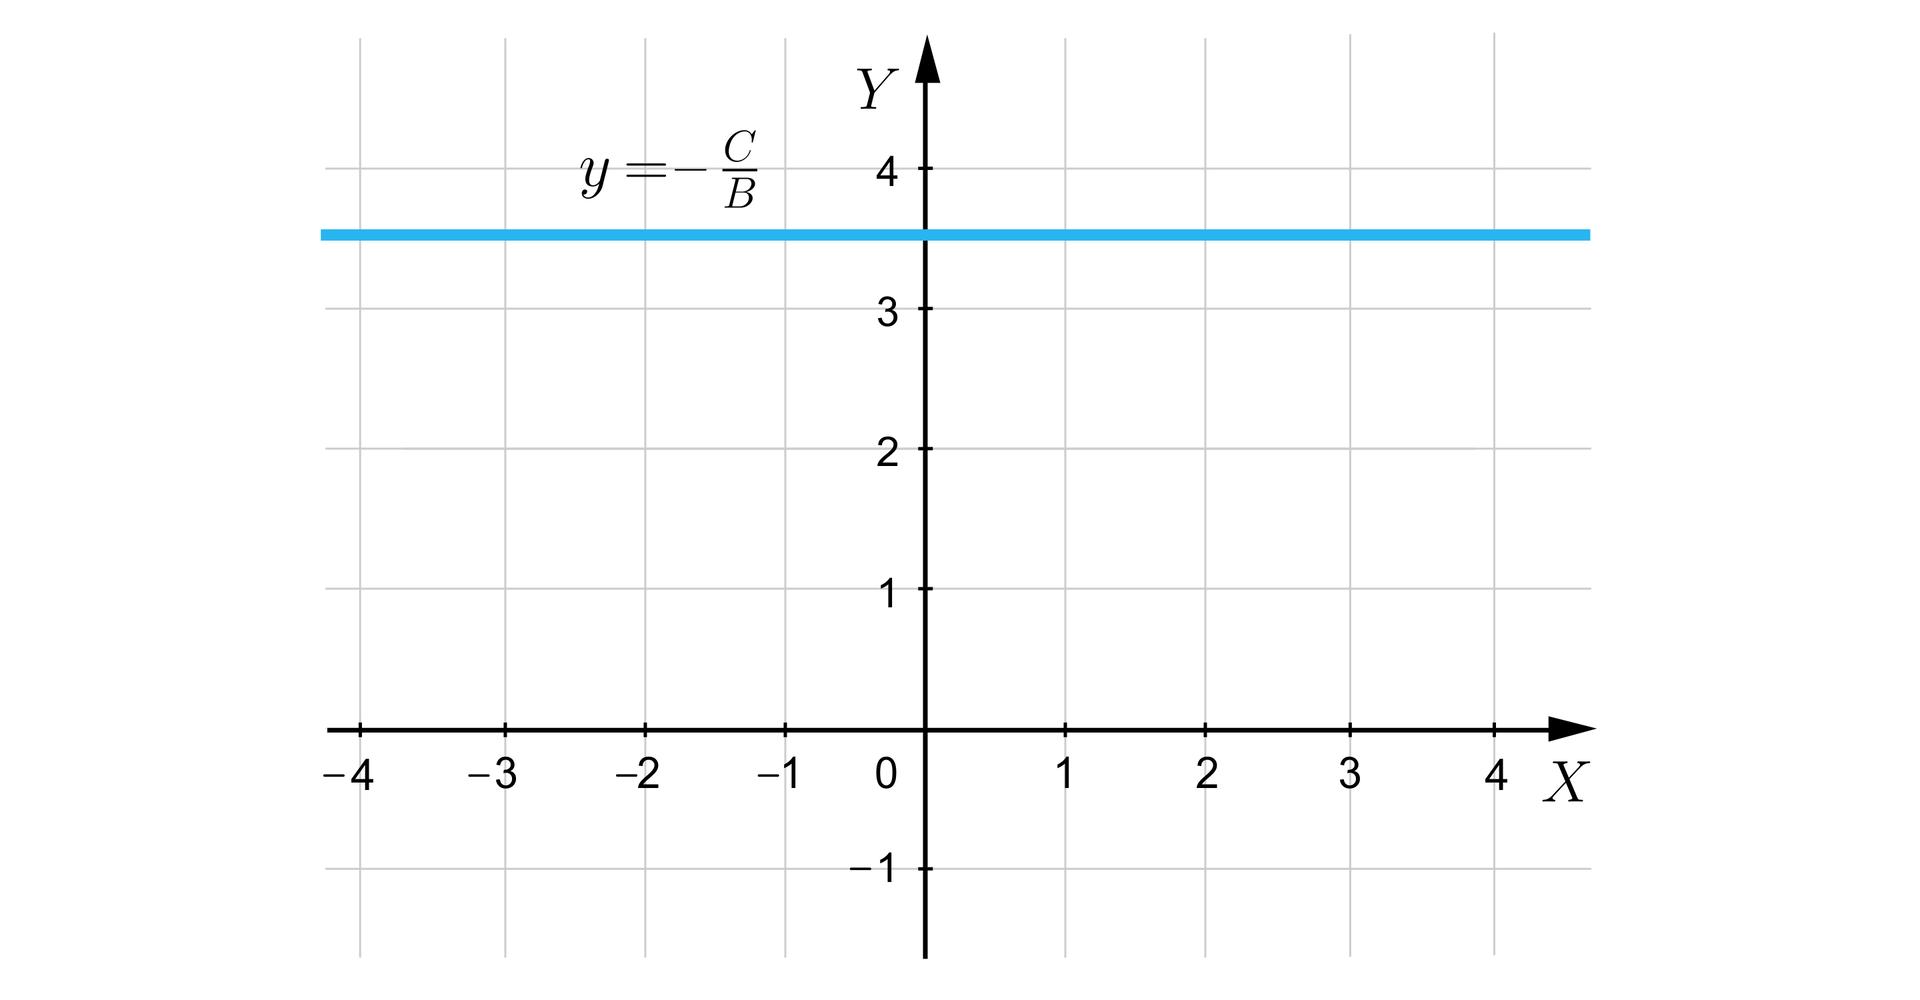 Ilustracja przedstawia układ współrzędnych iks igrek. Wpunkcie igrek równe trzy ipół biegnie prosta równoległa do osi iks. Jest ona opisana jako igrek równa się minus ce przez be.